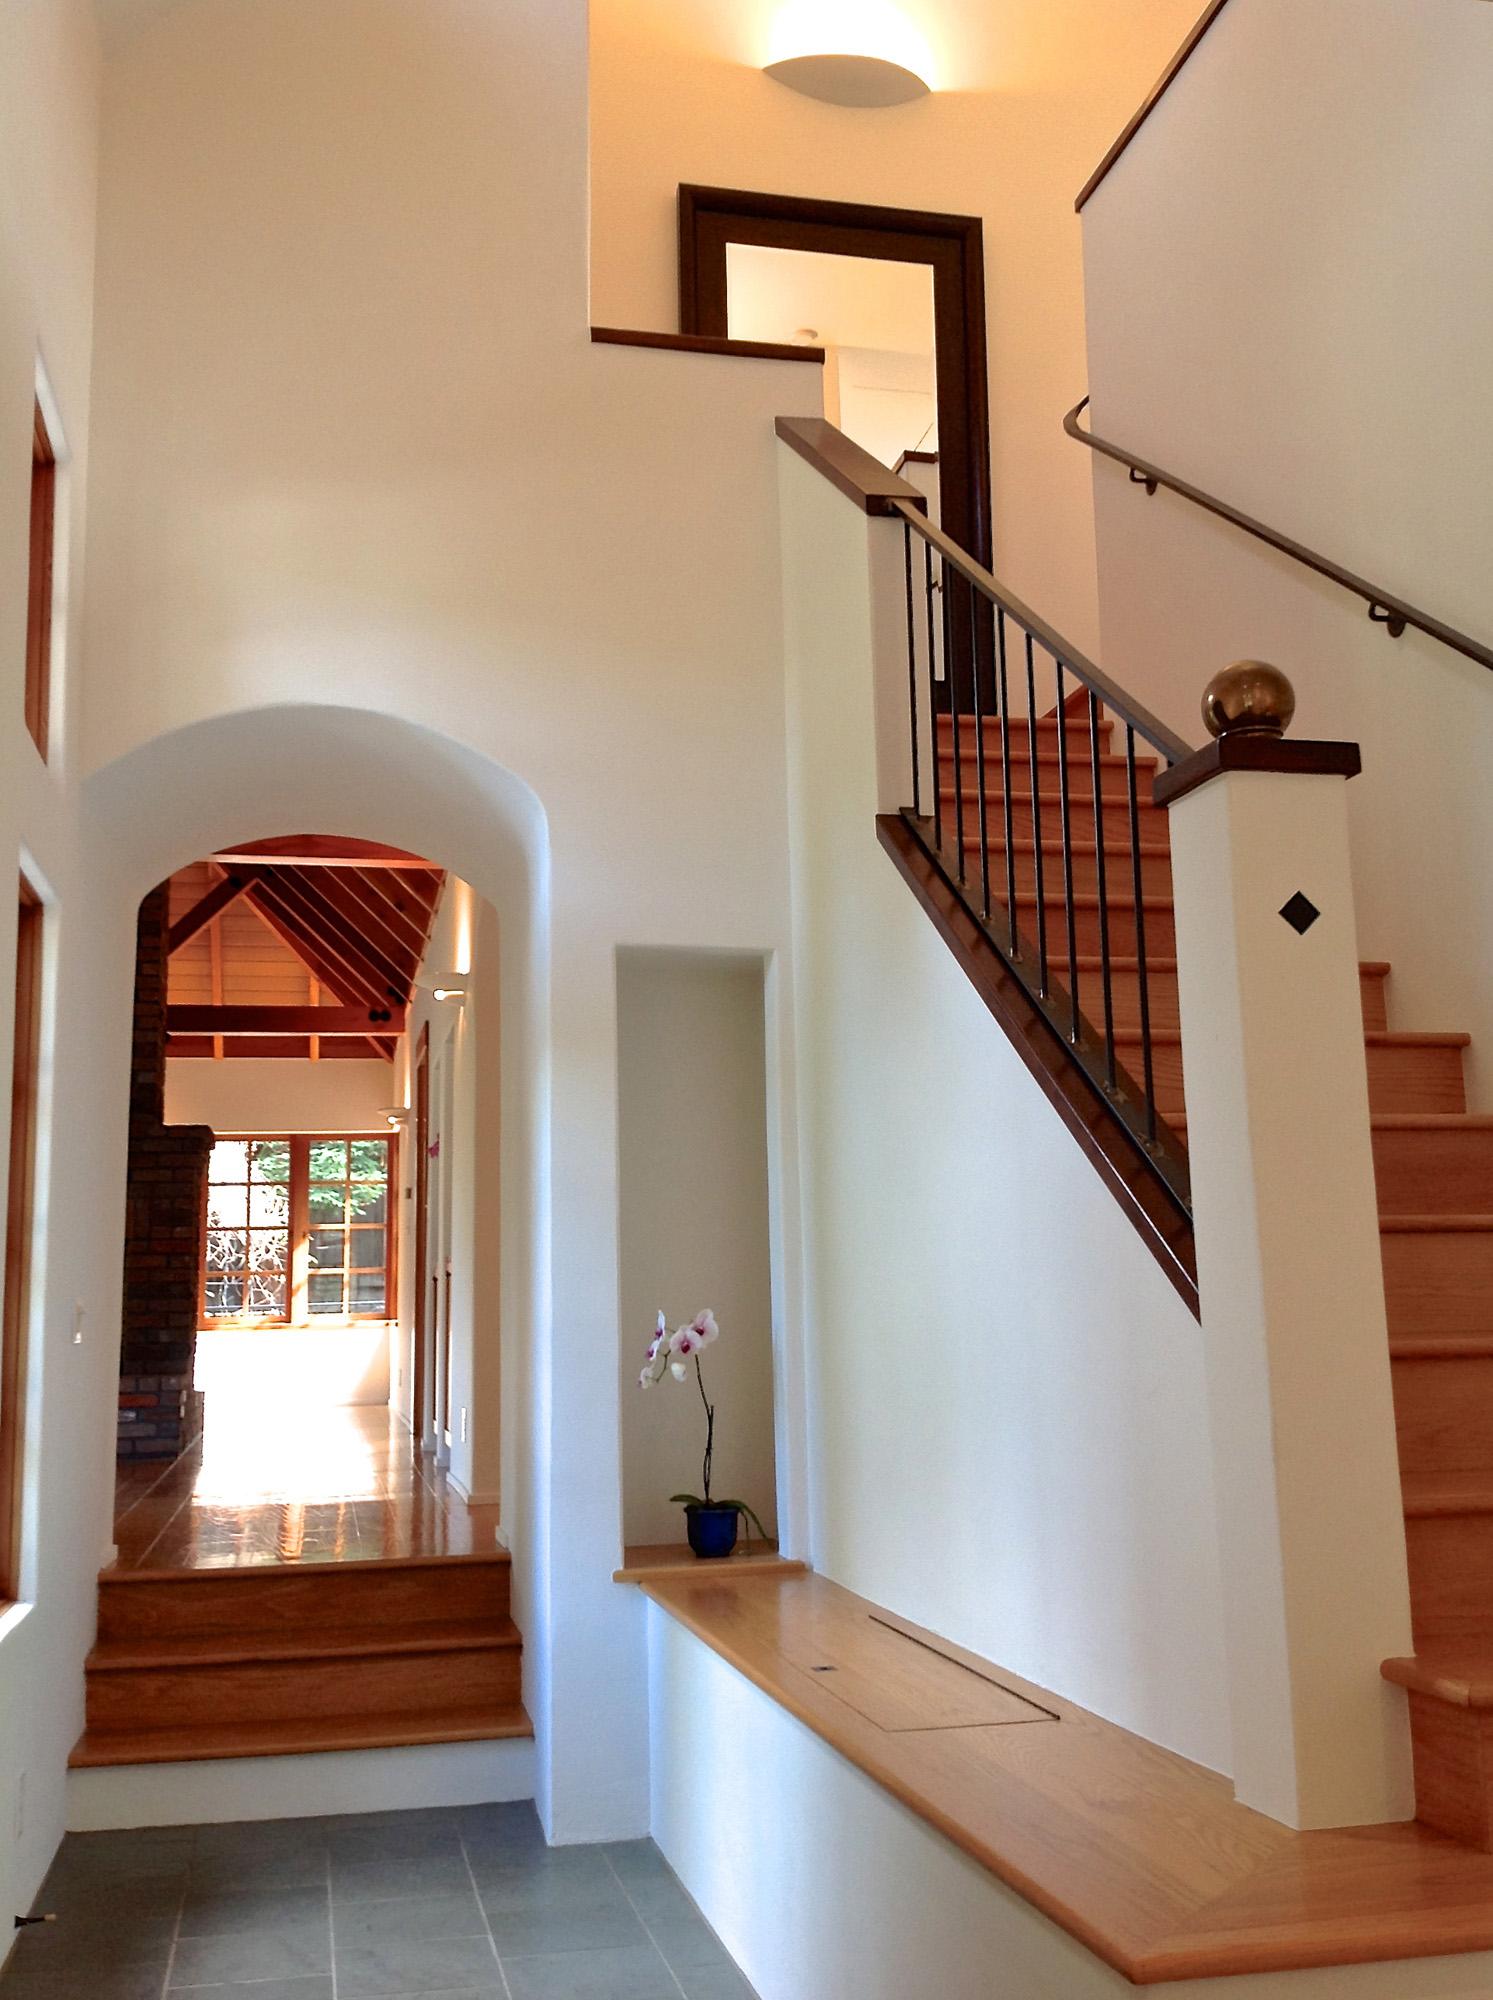 Lavenson Design – Normandy Cottage Rebuild